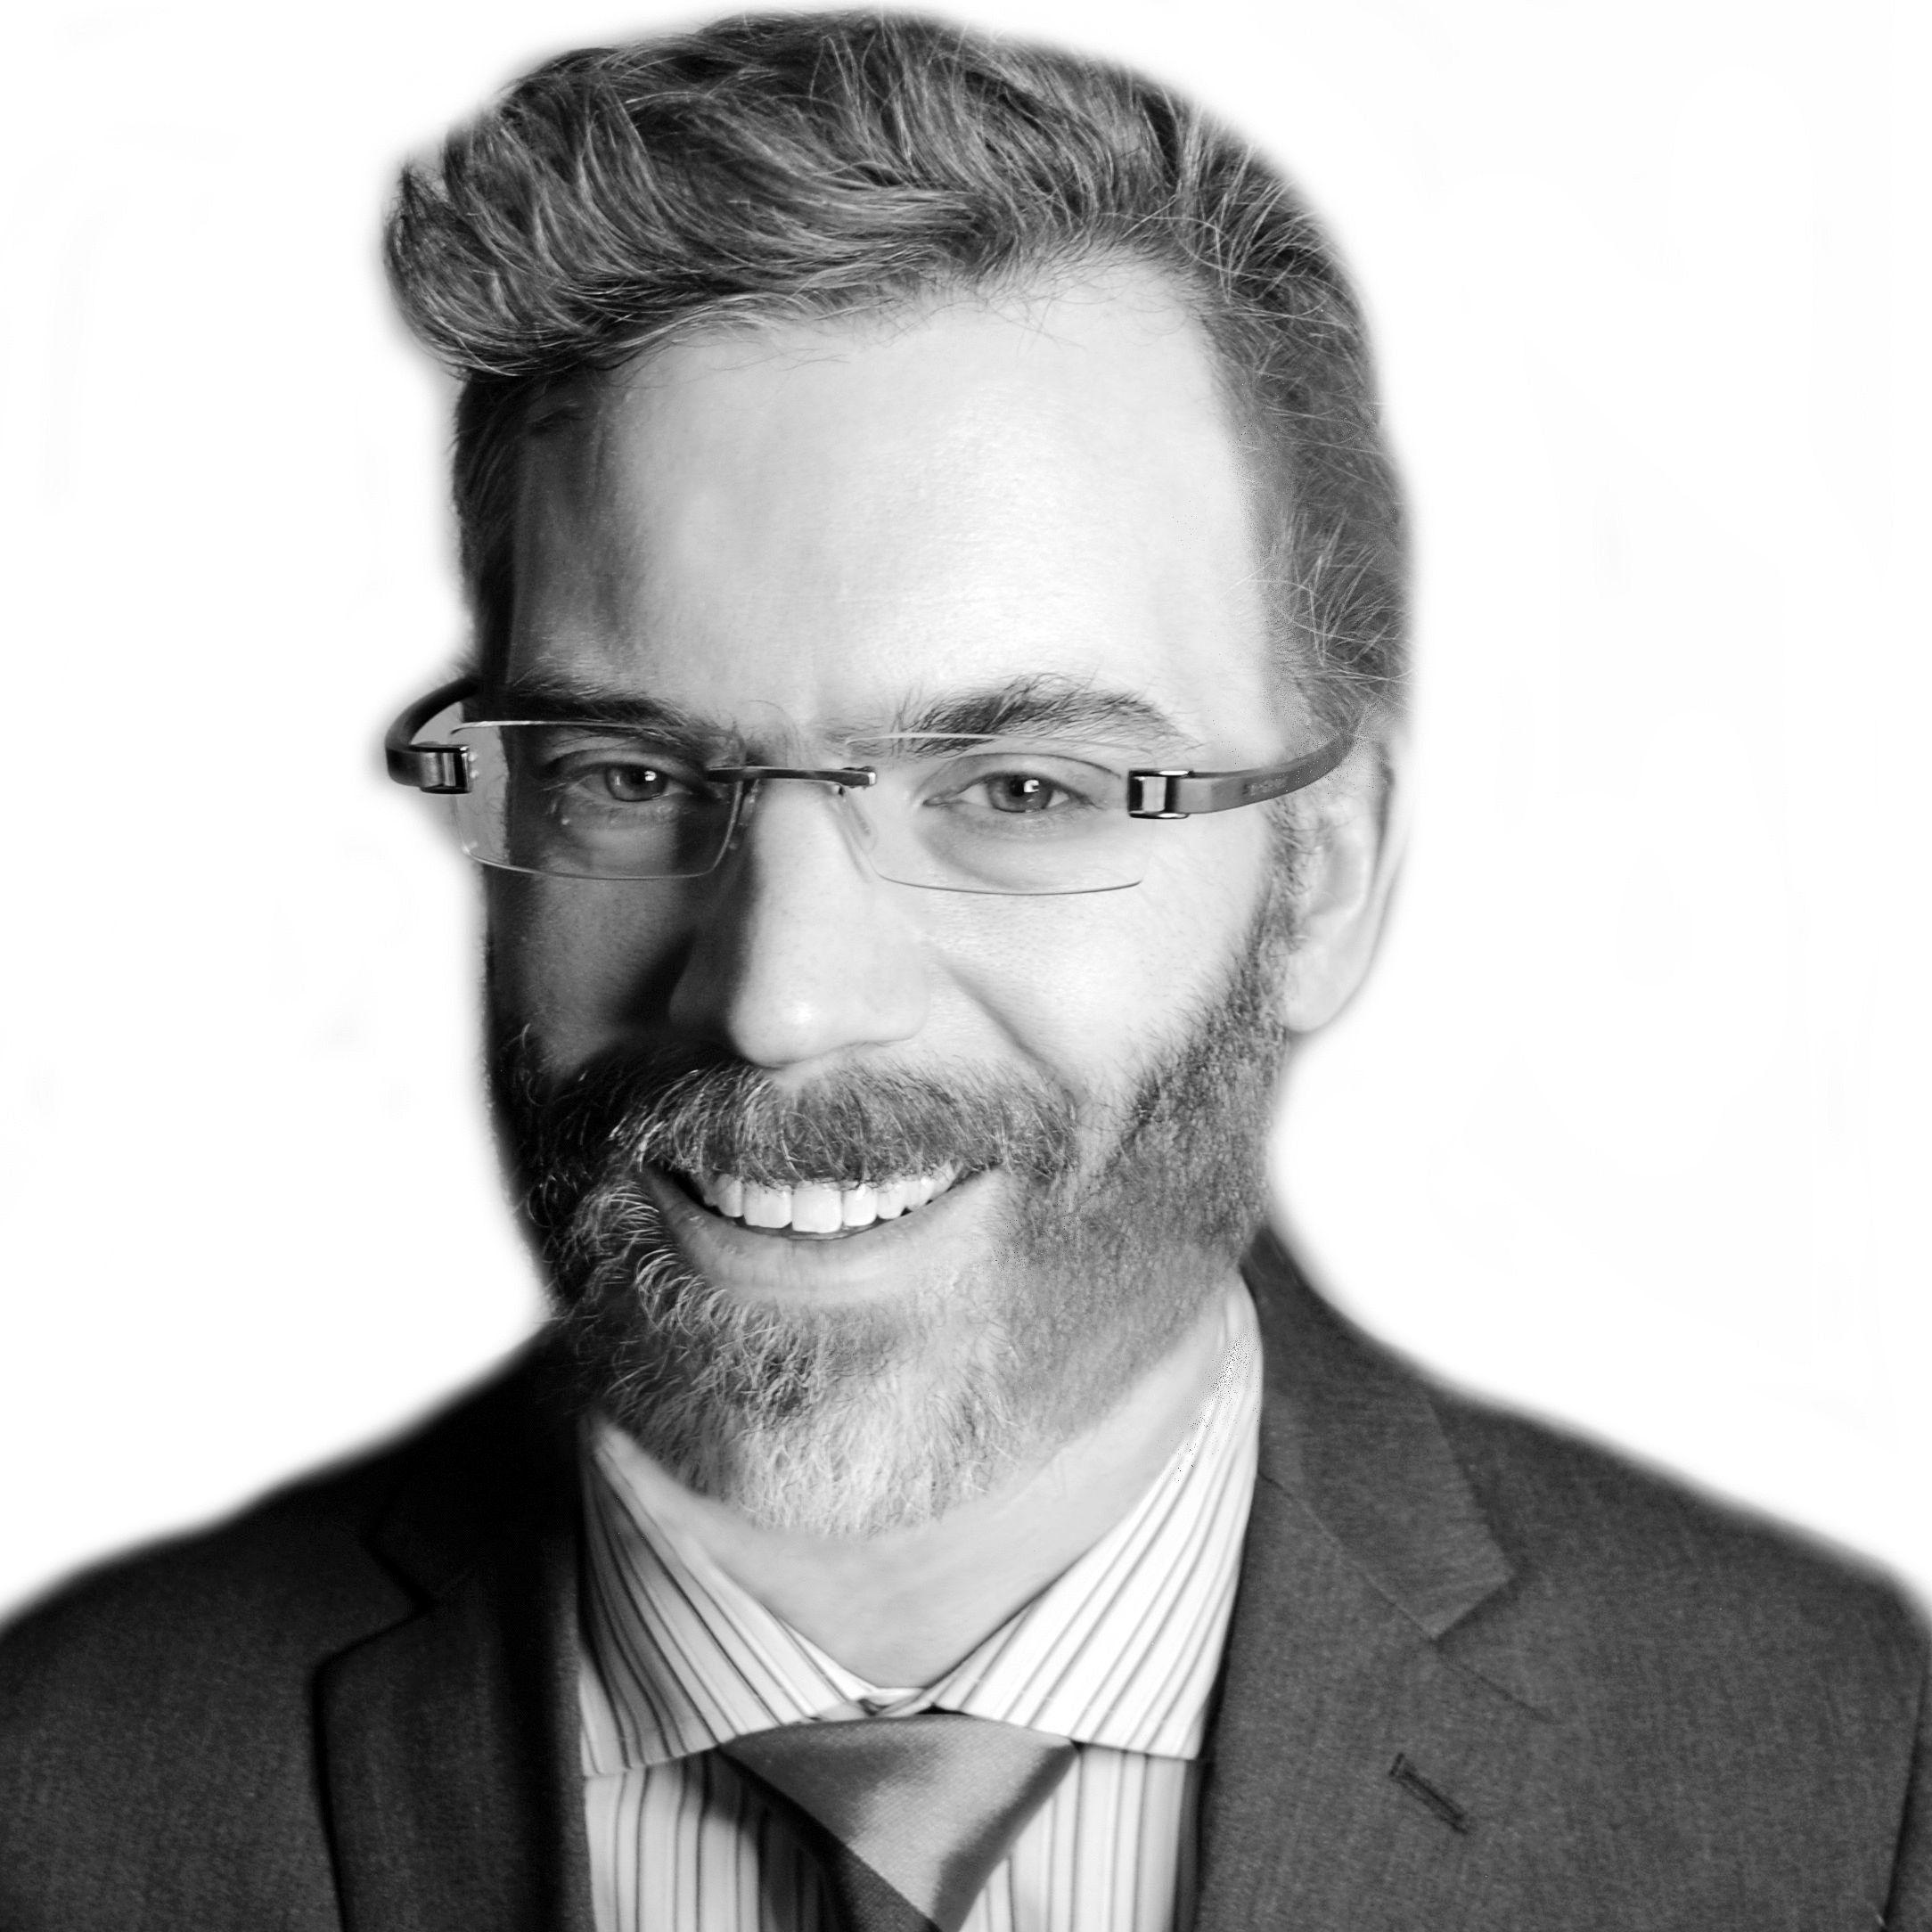 Adam Milligan